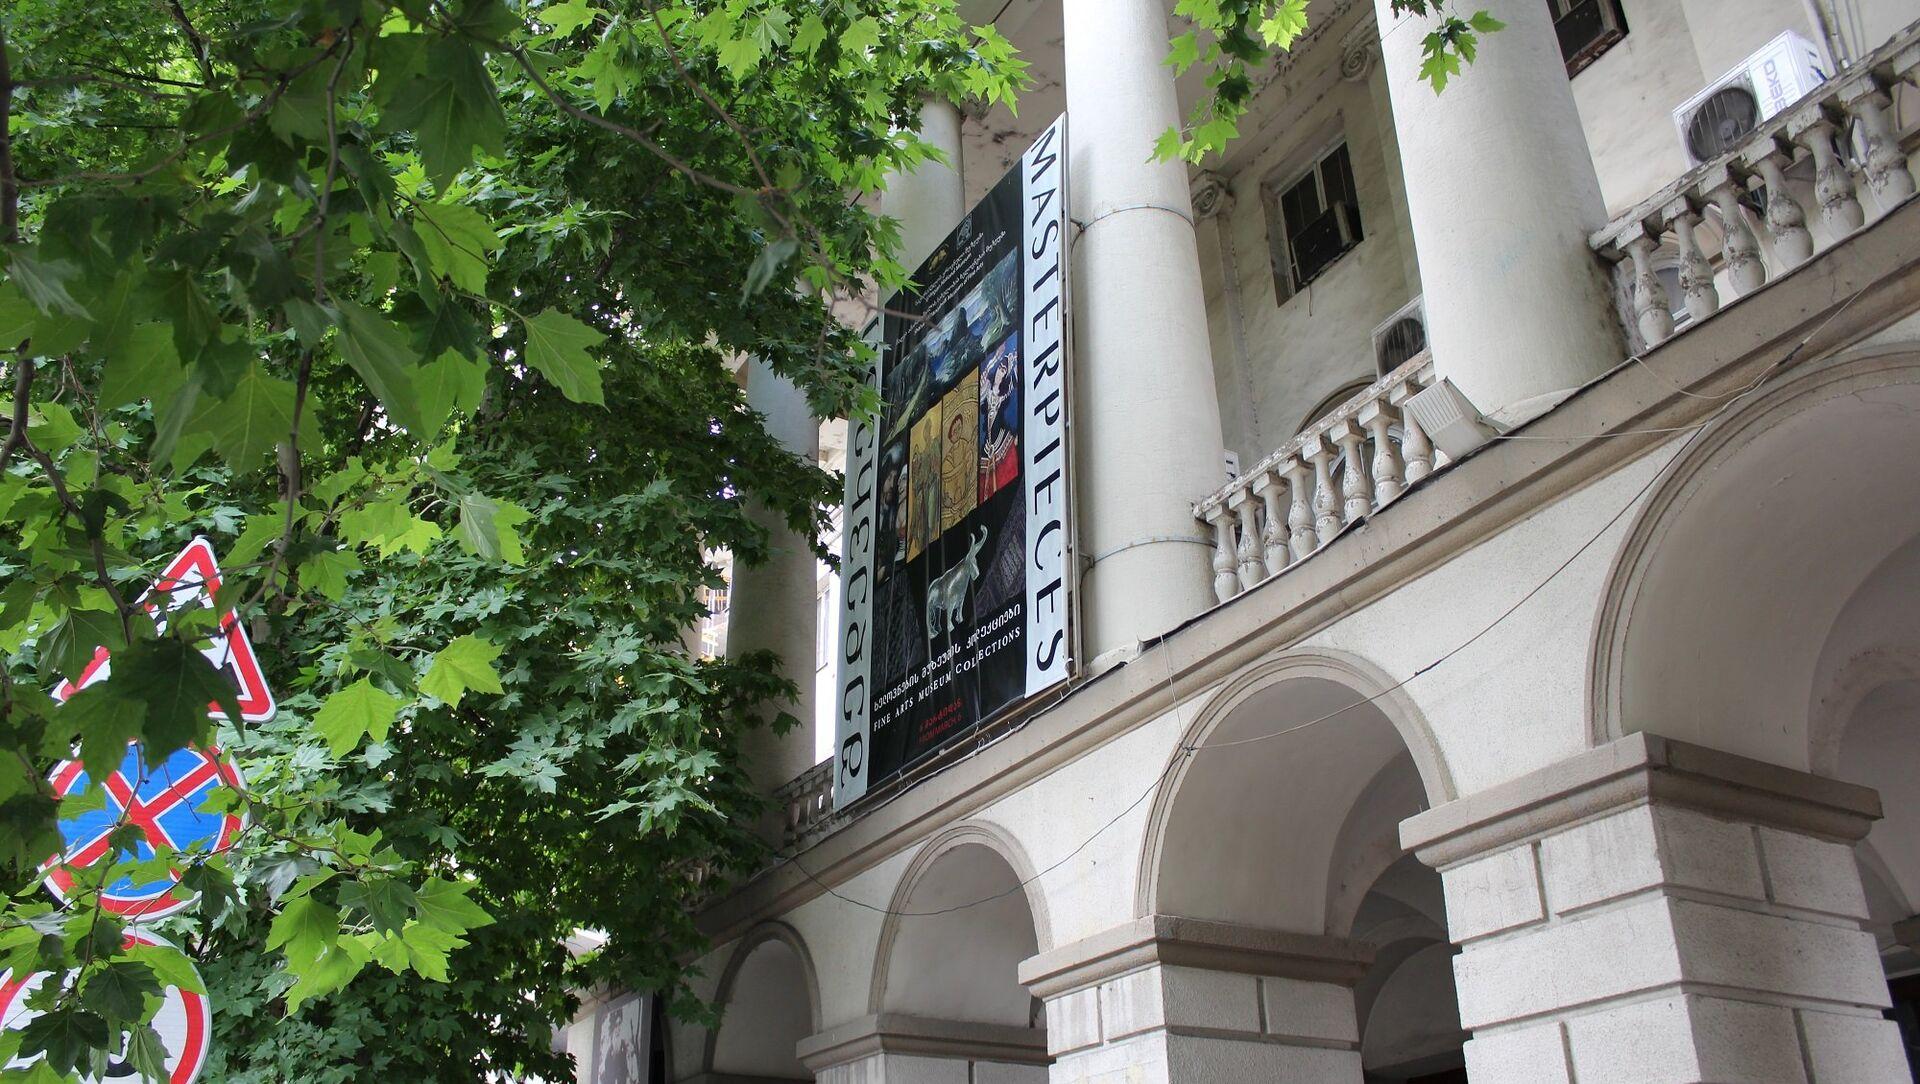 Музей искусств имени Шалвы Амиранашвили - Sputnik Грузия, 1920, 23.07.2021